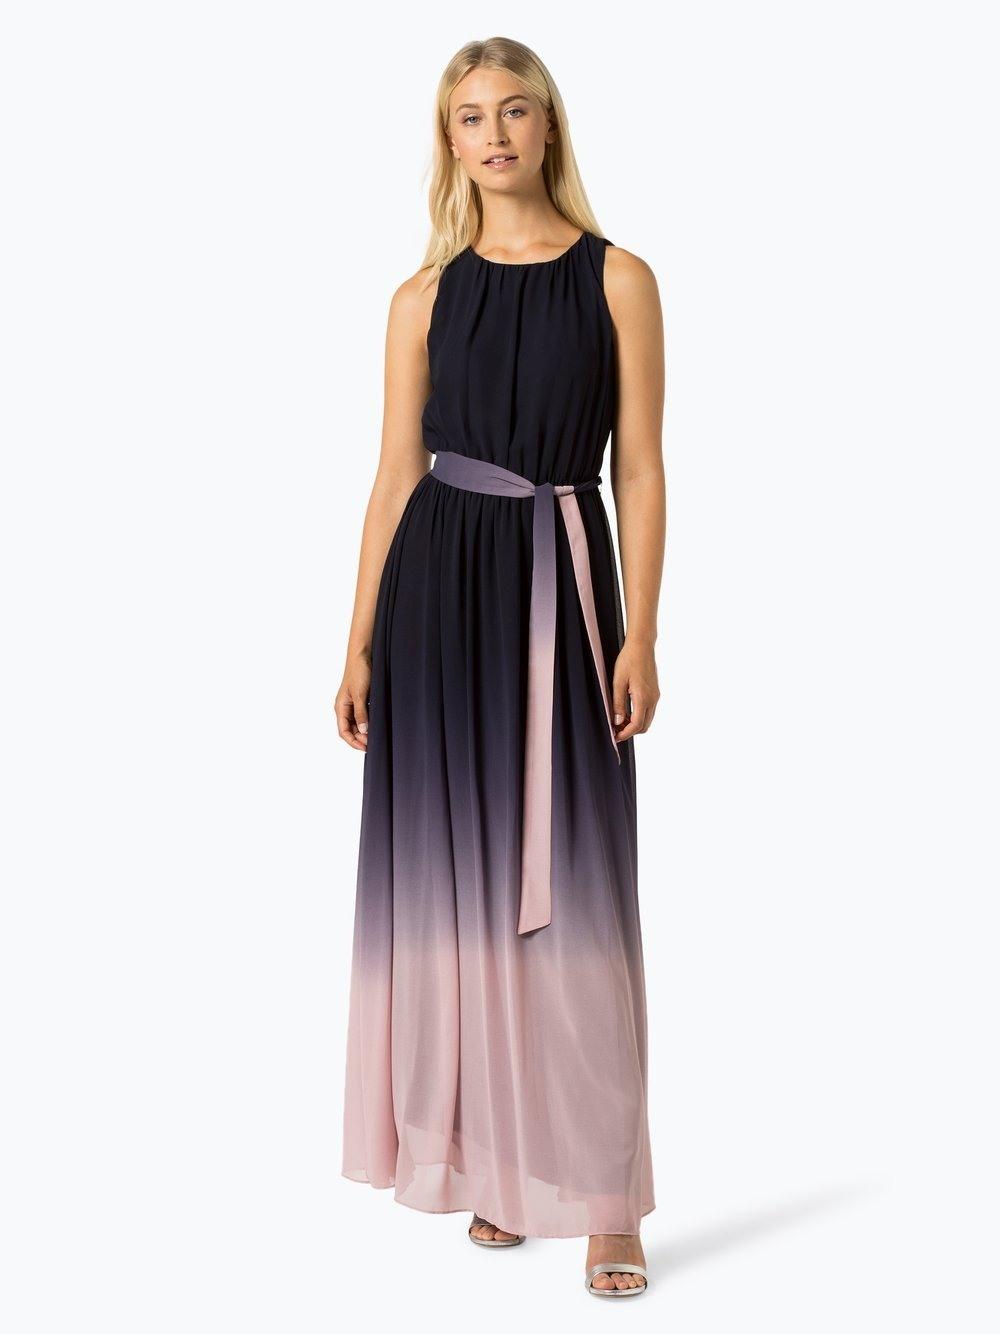 Formal Luxus Apart Abendkleider für 2019Formal Elegant Apart Abendkleider Spezialgebiet